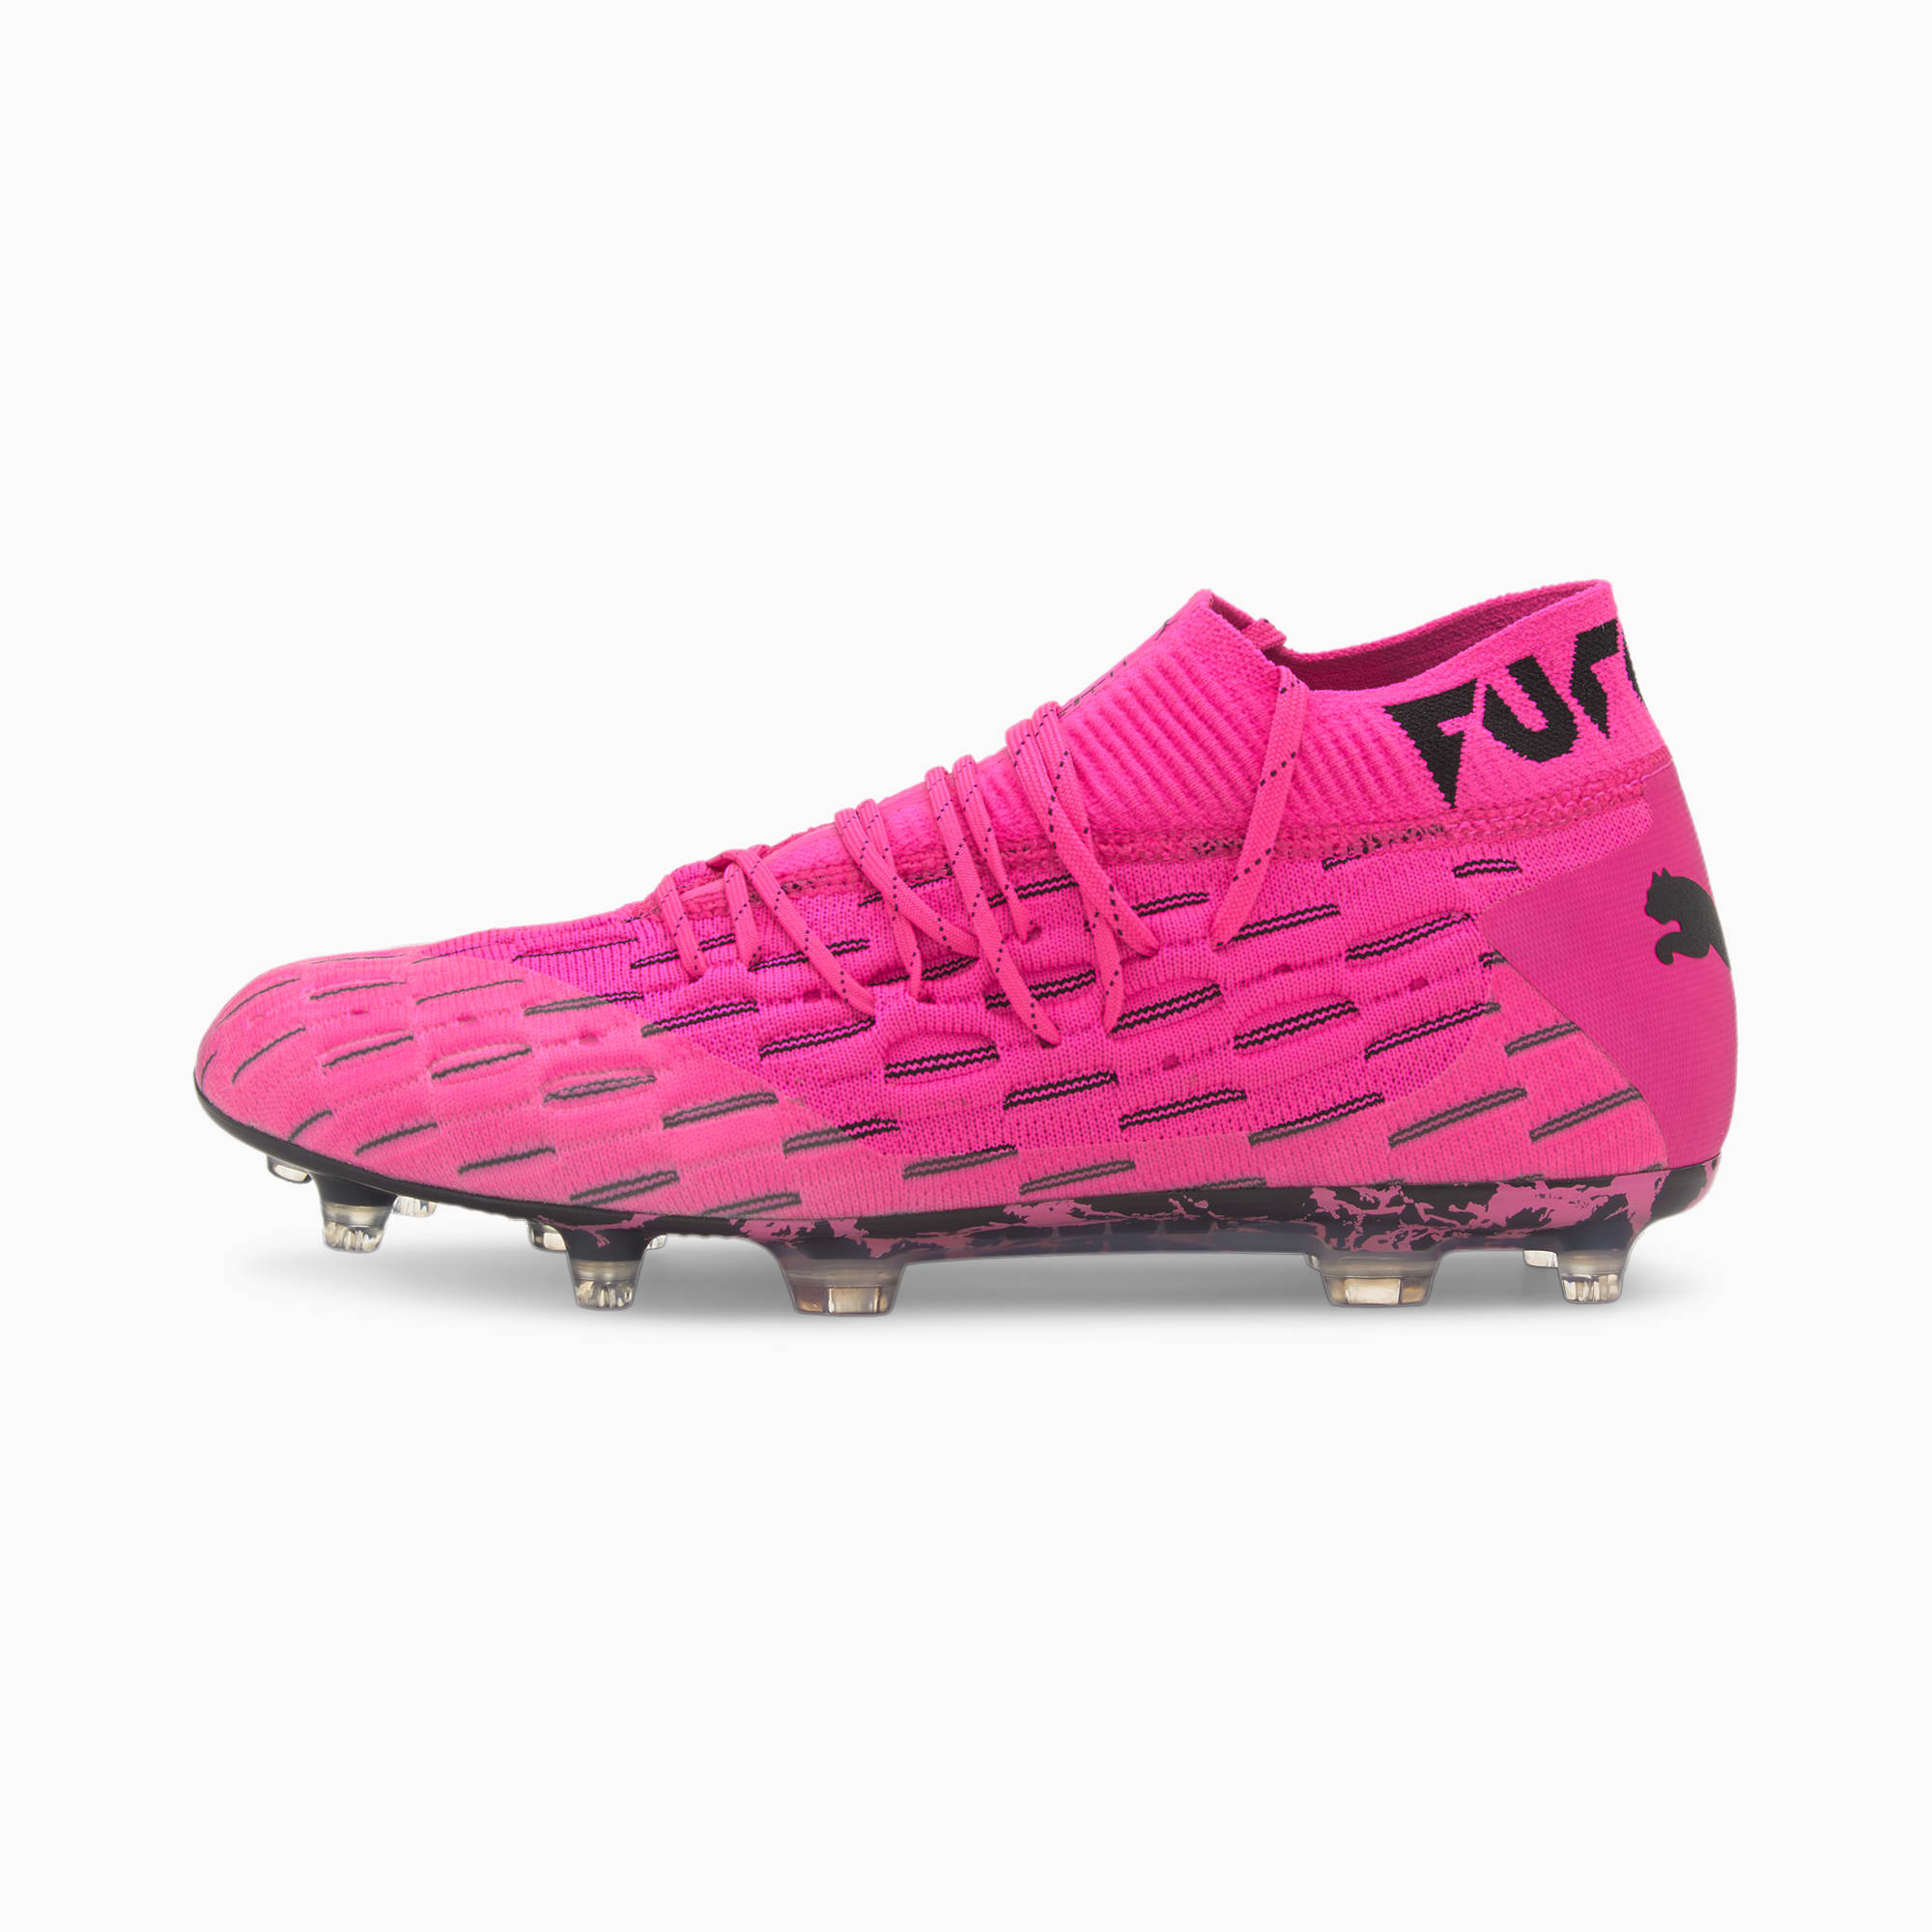 PUMA Chaussures de football Future 6.1 NETFIT FG/AG, Rose/Noir, Taille 44, Vêtements